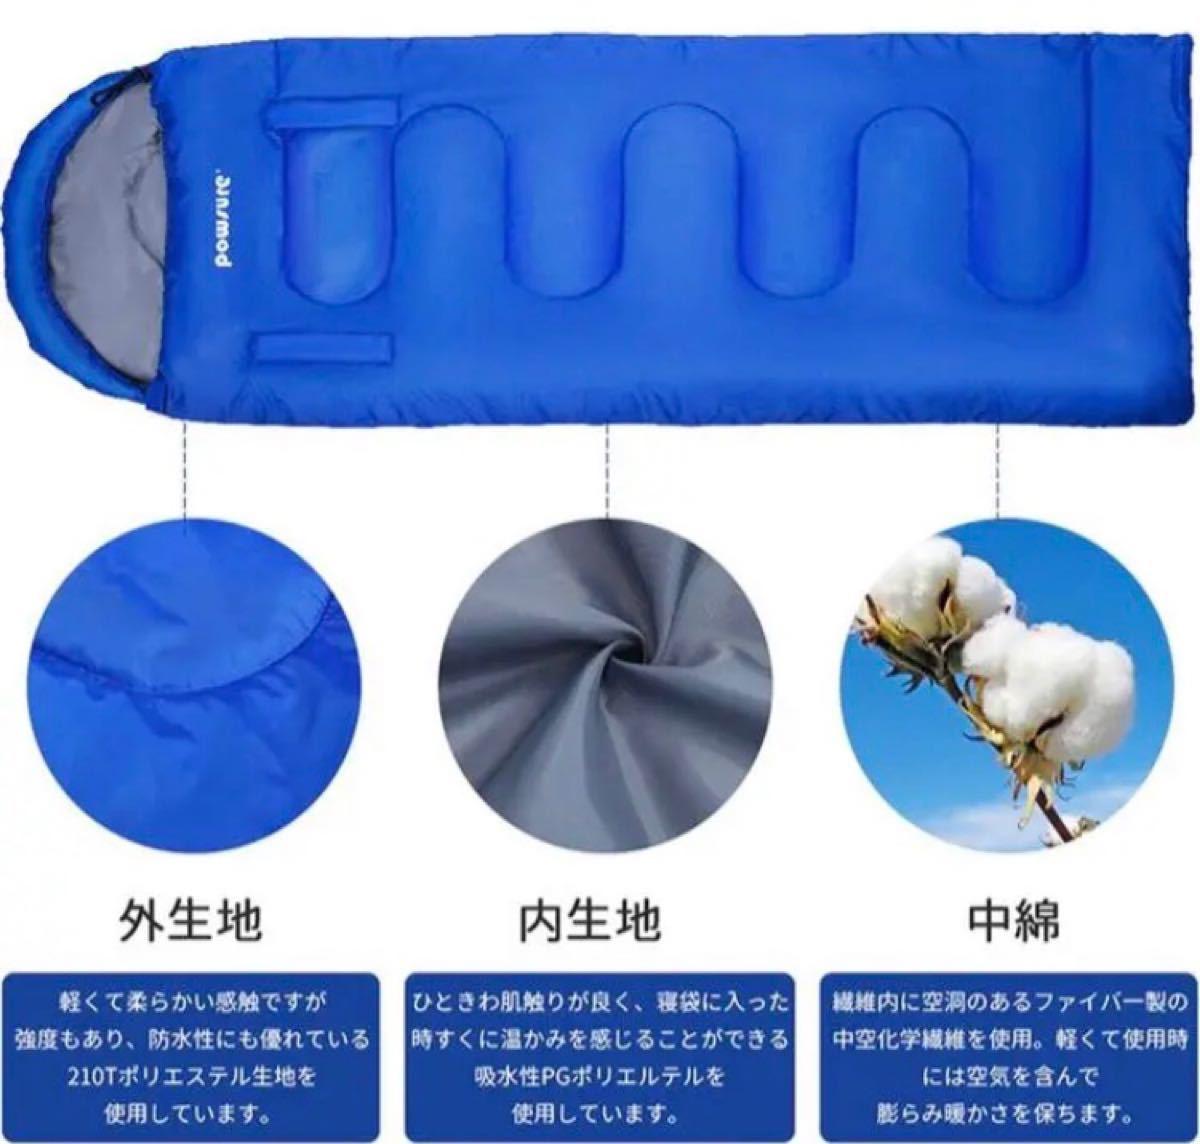 寝袋 手が出る シュラフ 封筒型 軽量 コンパクト 防水 連結 丸洗い 防災